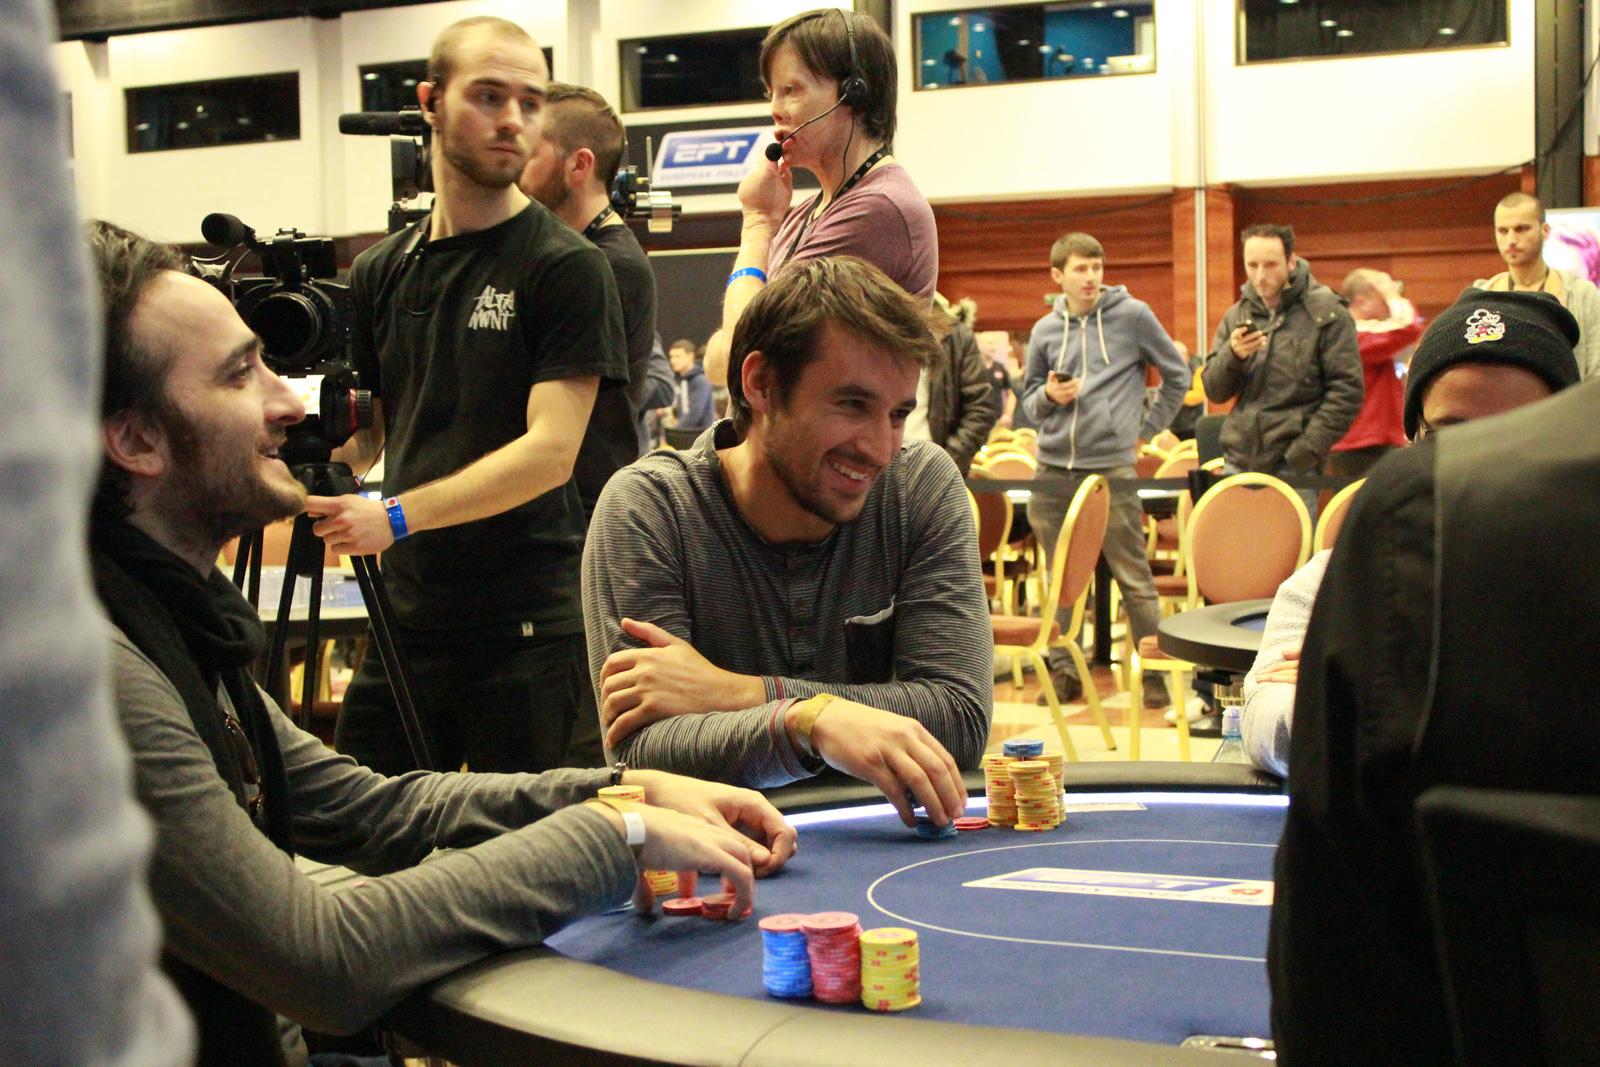 combien de jeton au poker par personne